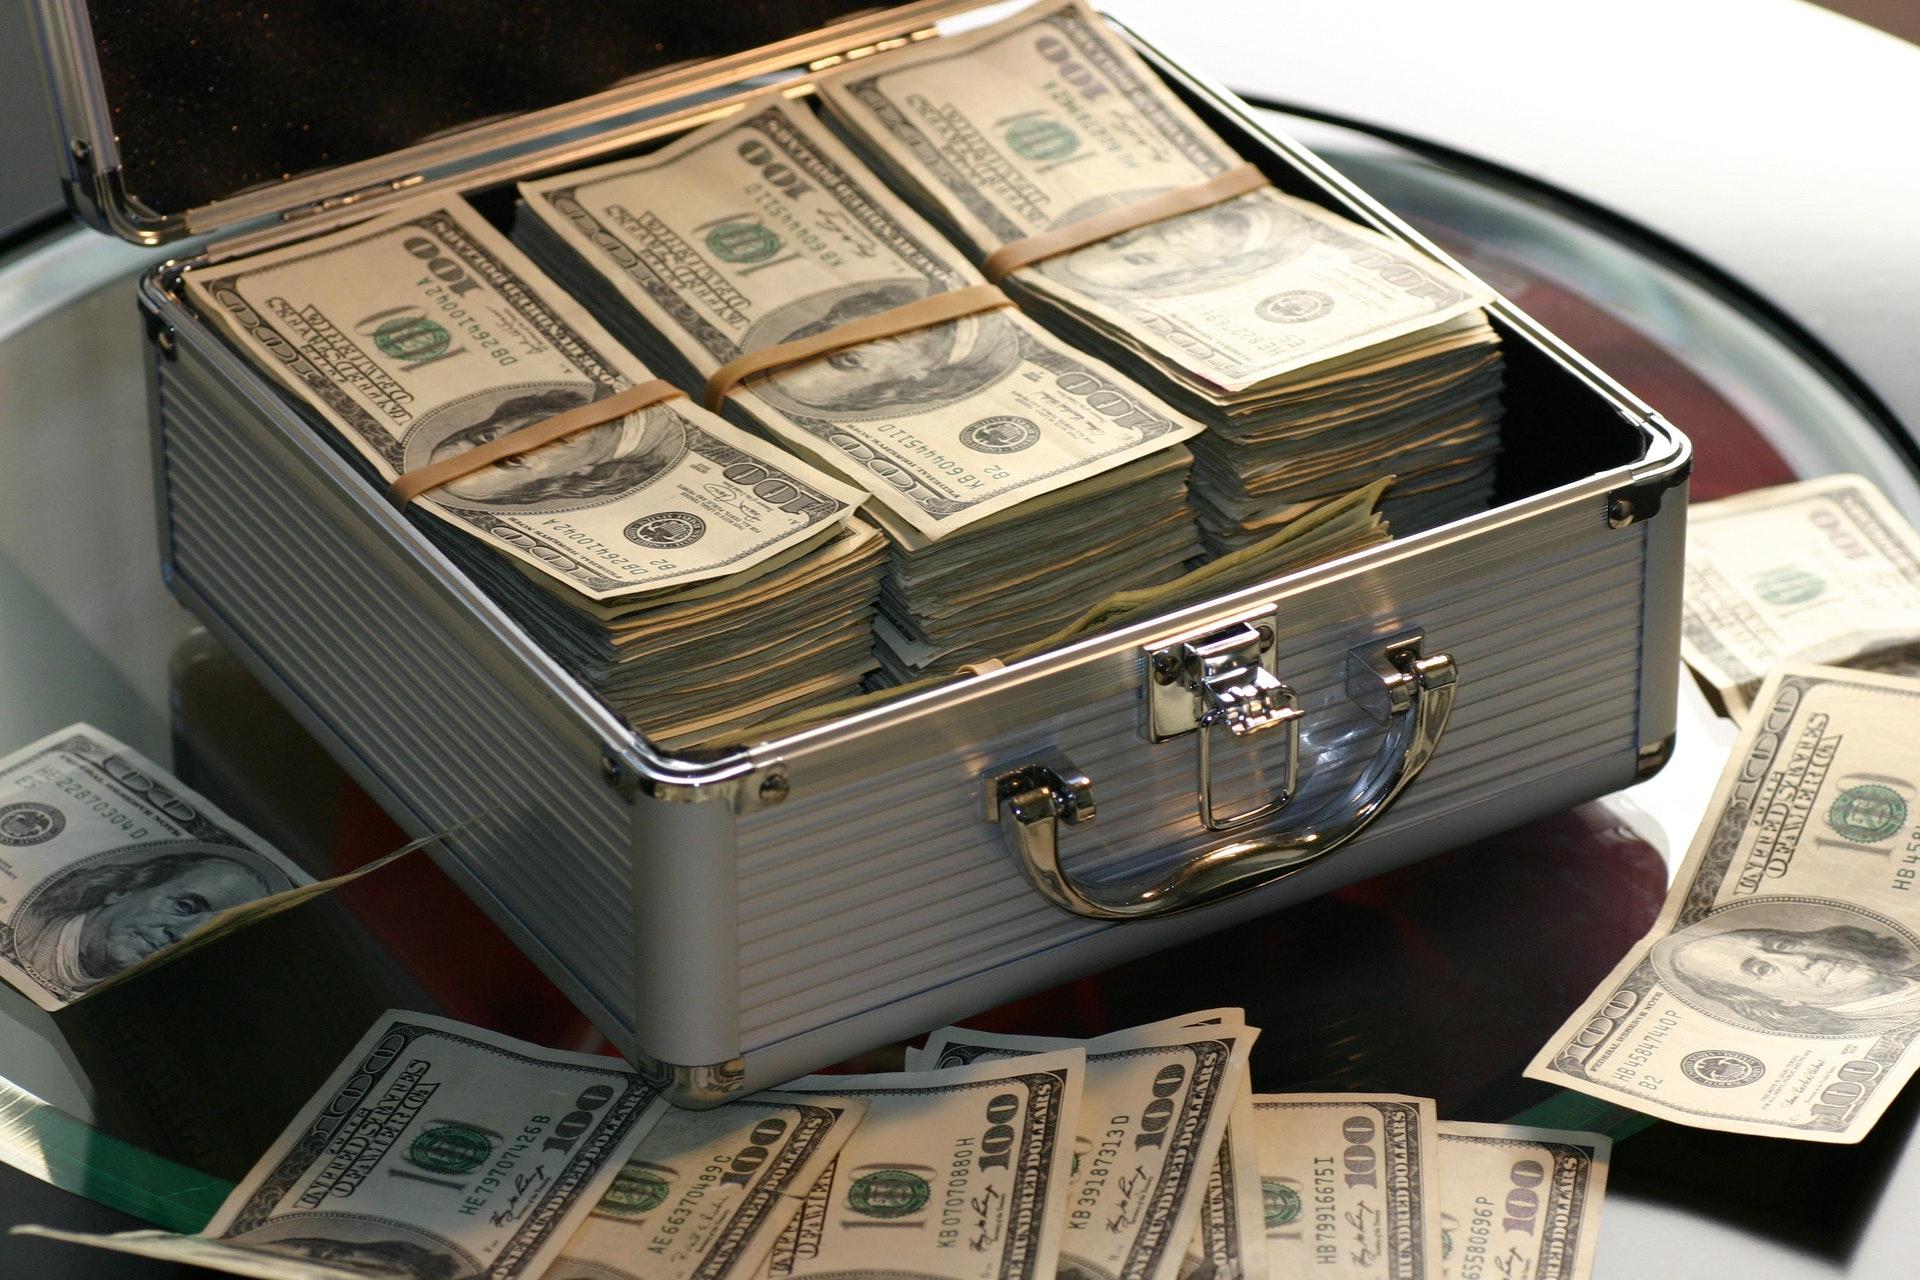 Imagem de uma maleta cheia de dólares e notas de dólar ao redor. Imagem ilustrativa texto investir meu dinheiro de forma segura.